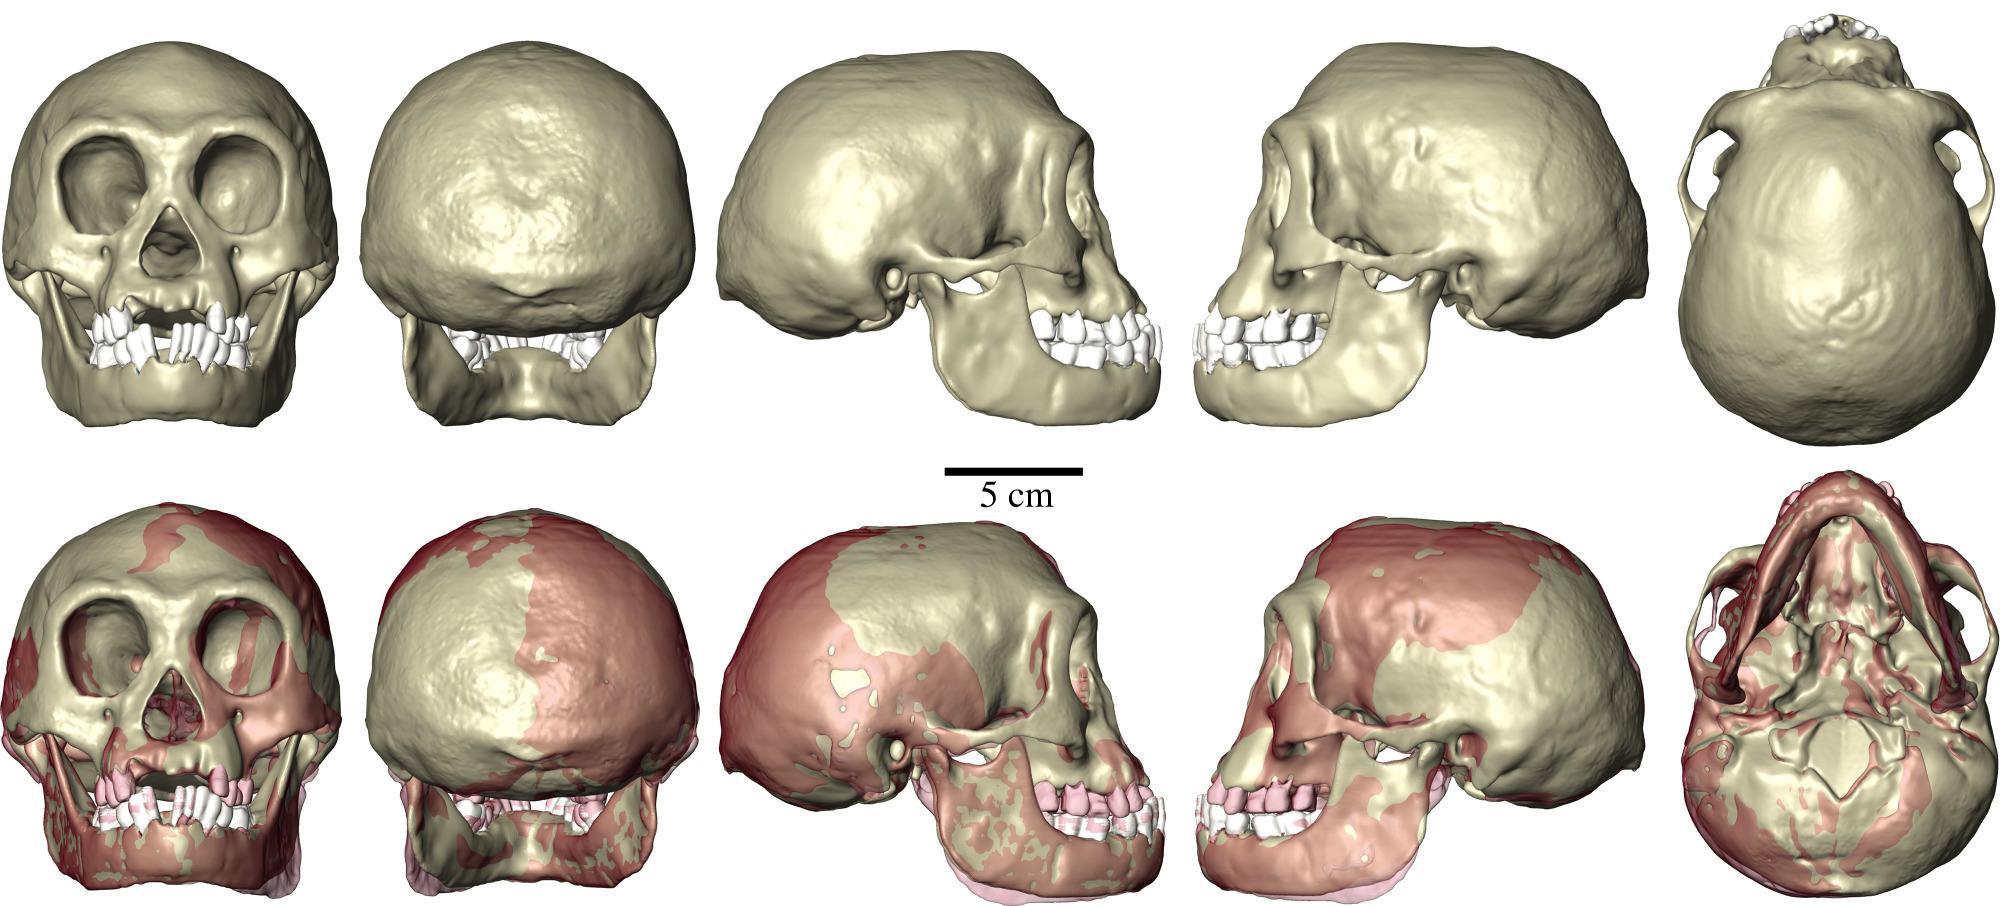 Антропологи выяснили биомеханику черепа карликовых людей с Флореса